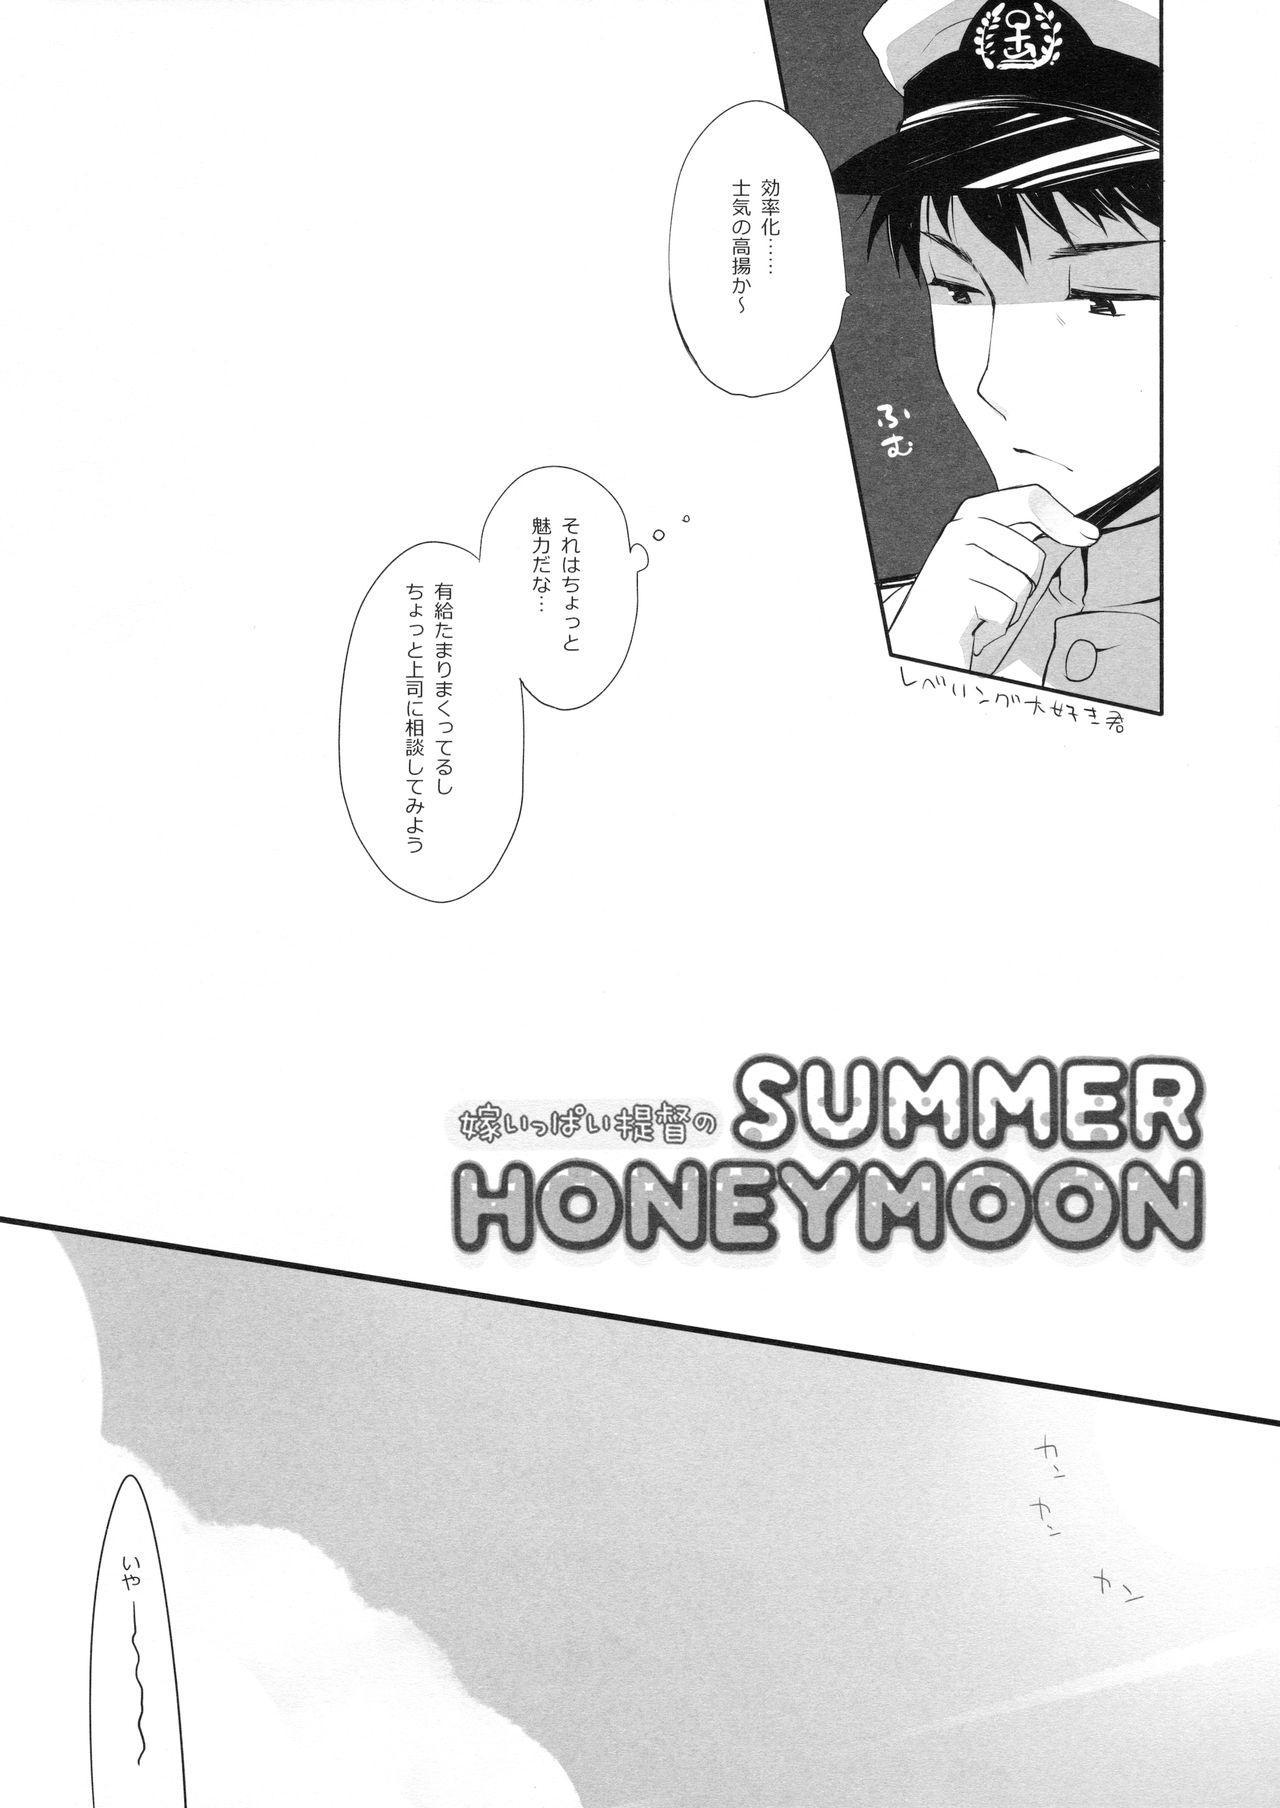 Yome Ippai Teitoku no Summer Honeymoon 4